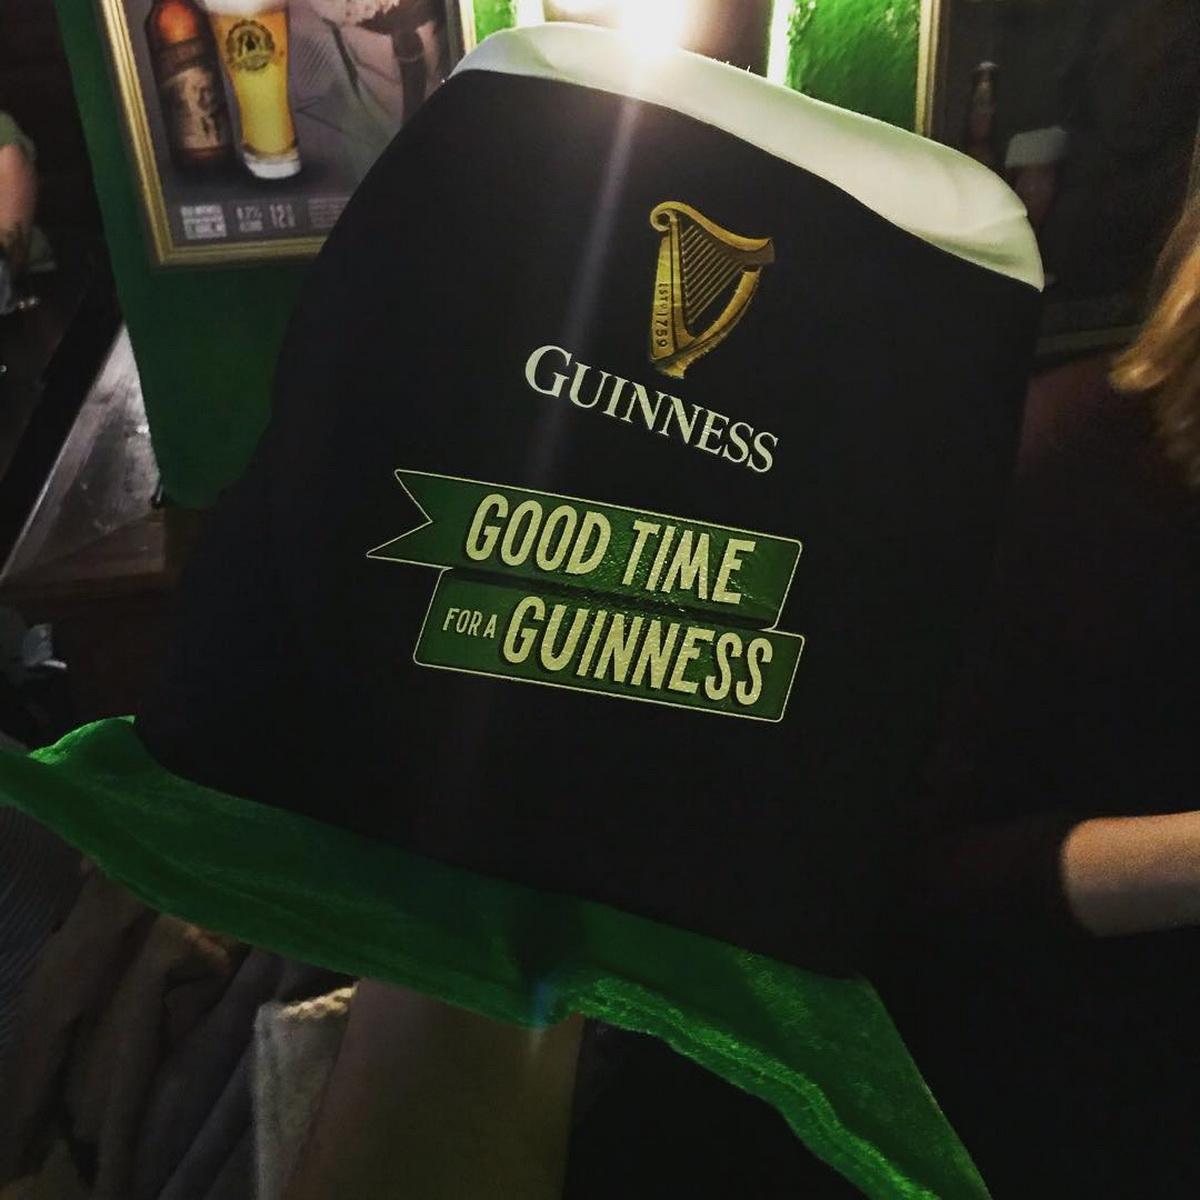 Cum a fost la #PubCrawl-ul de St. Patrick's Day